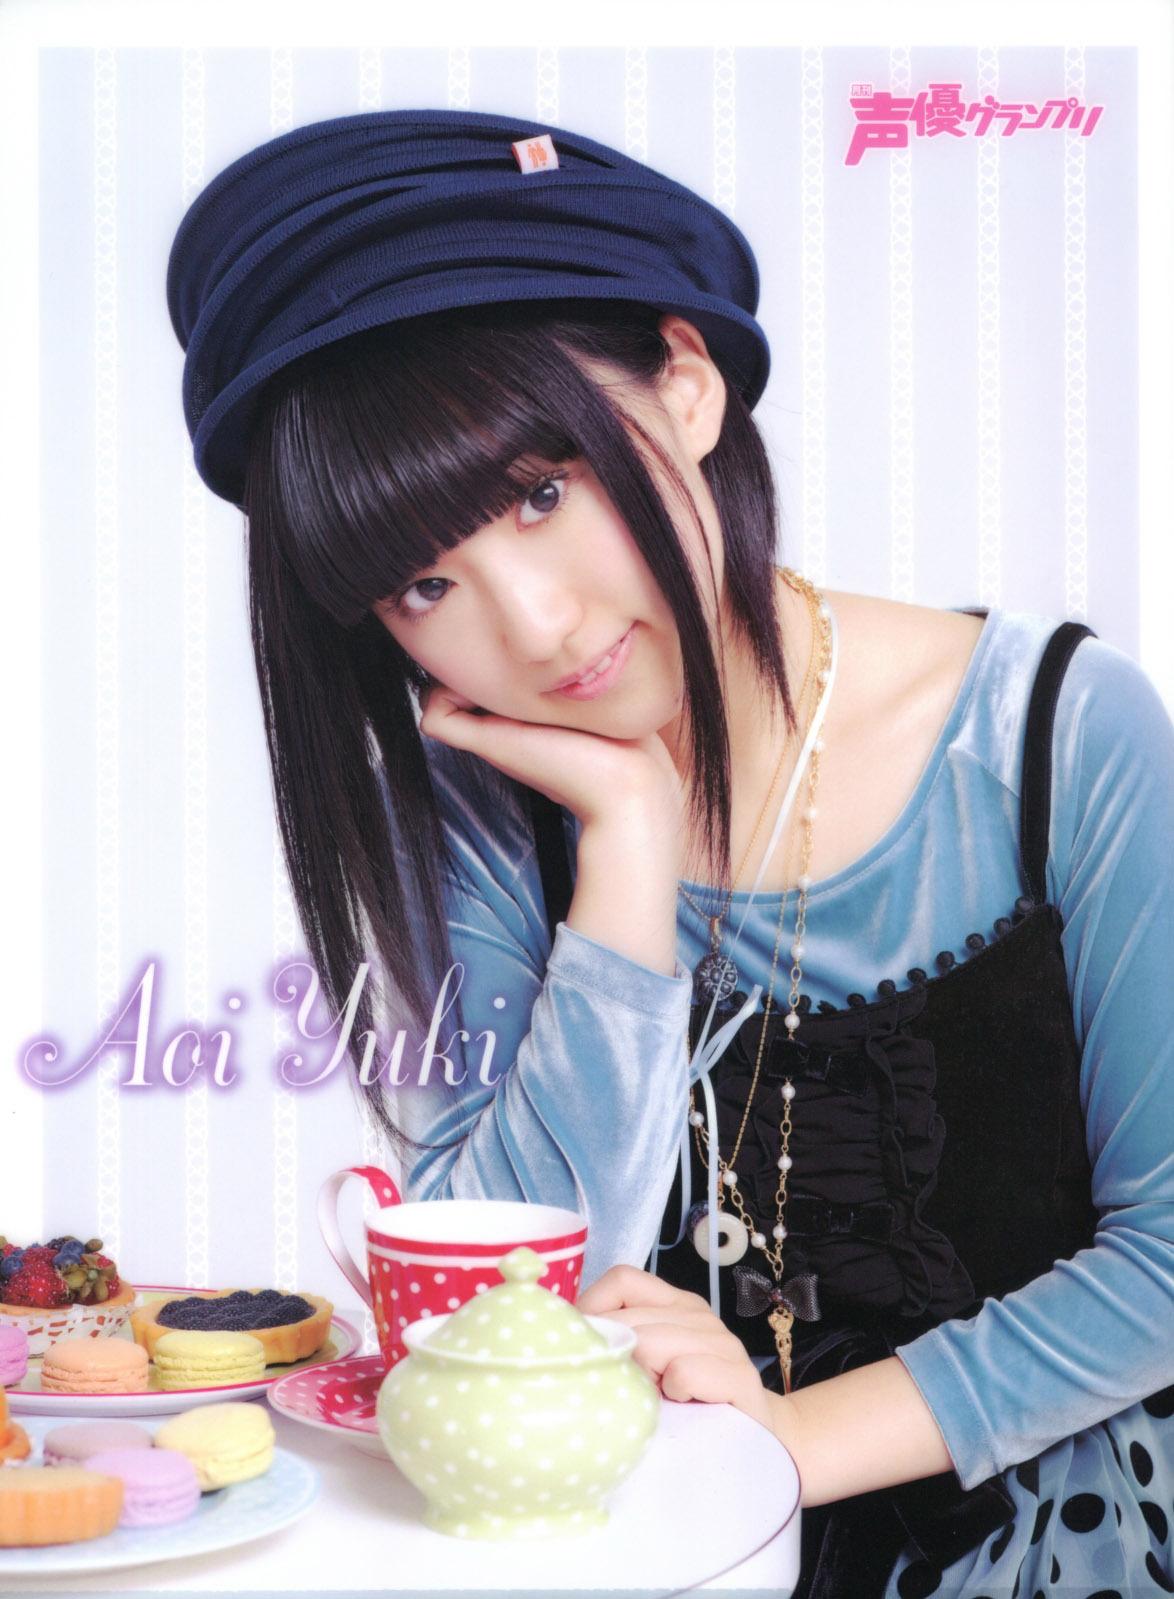 yuuki_aoi153.jpg